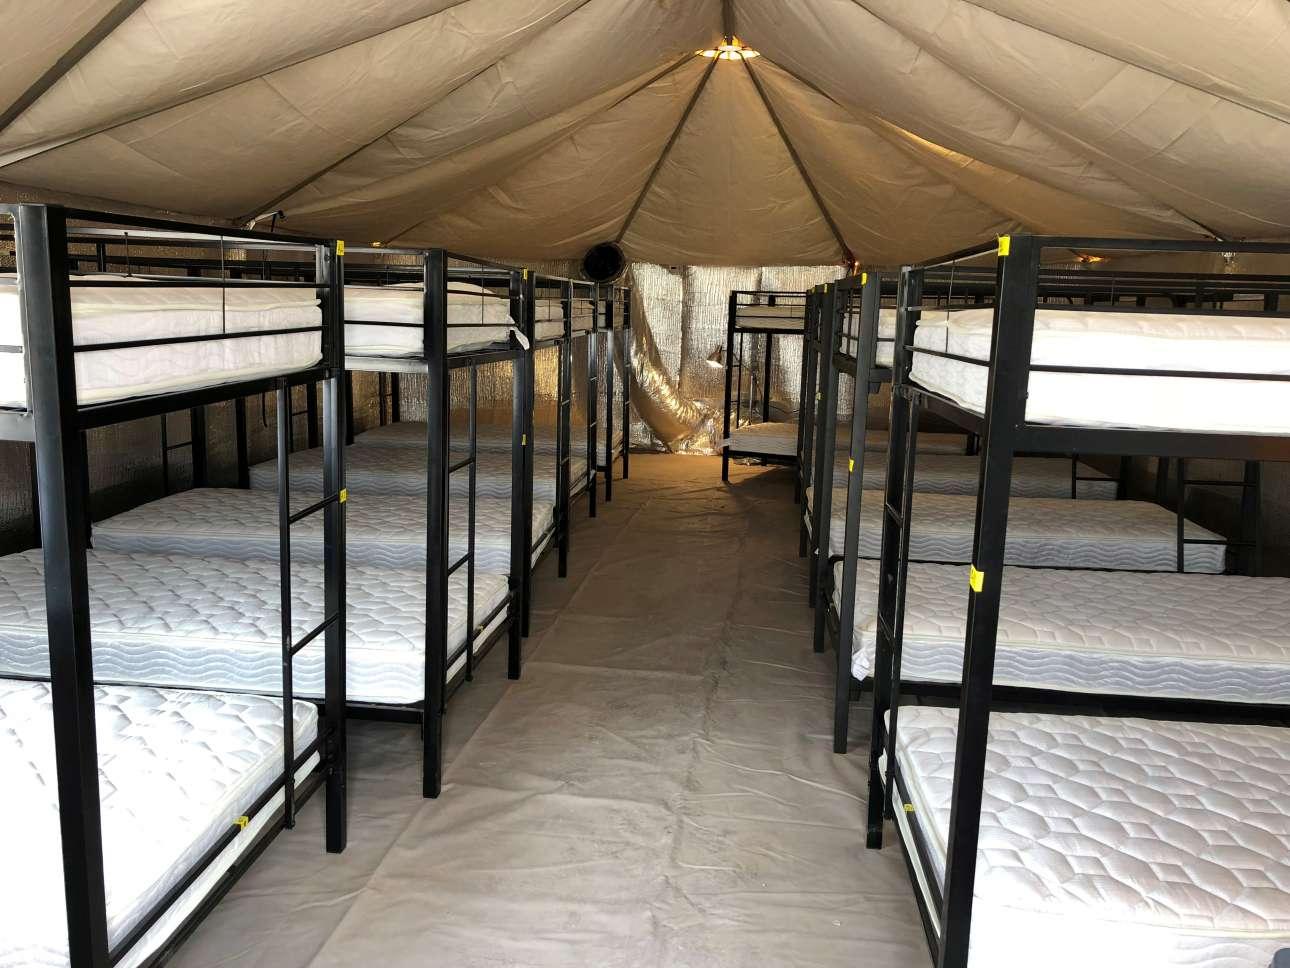 Φωτογραφία από το εσωτερικό των κοιτώνων, την οποία έδωσε στη δημοσιότητα το υπουργείο Υγείας και Ανθρωπίνων Υπηρεσιών των ΗΠΑ